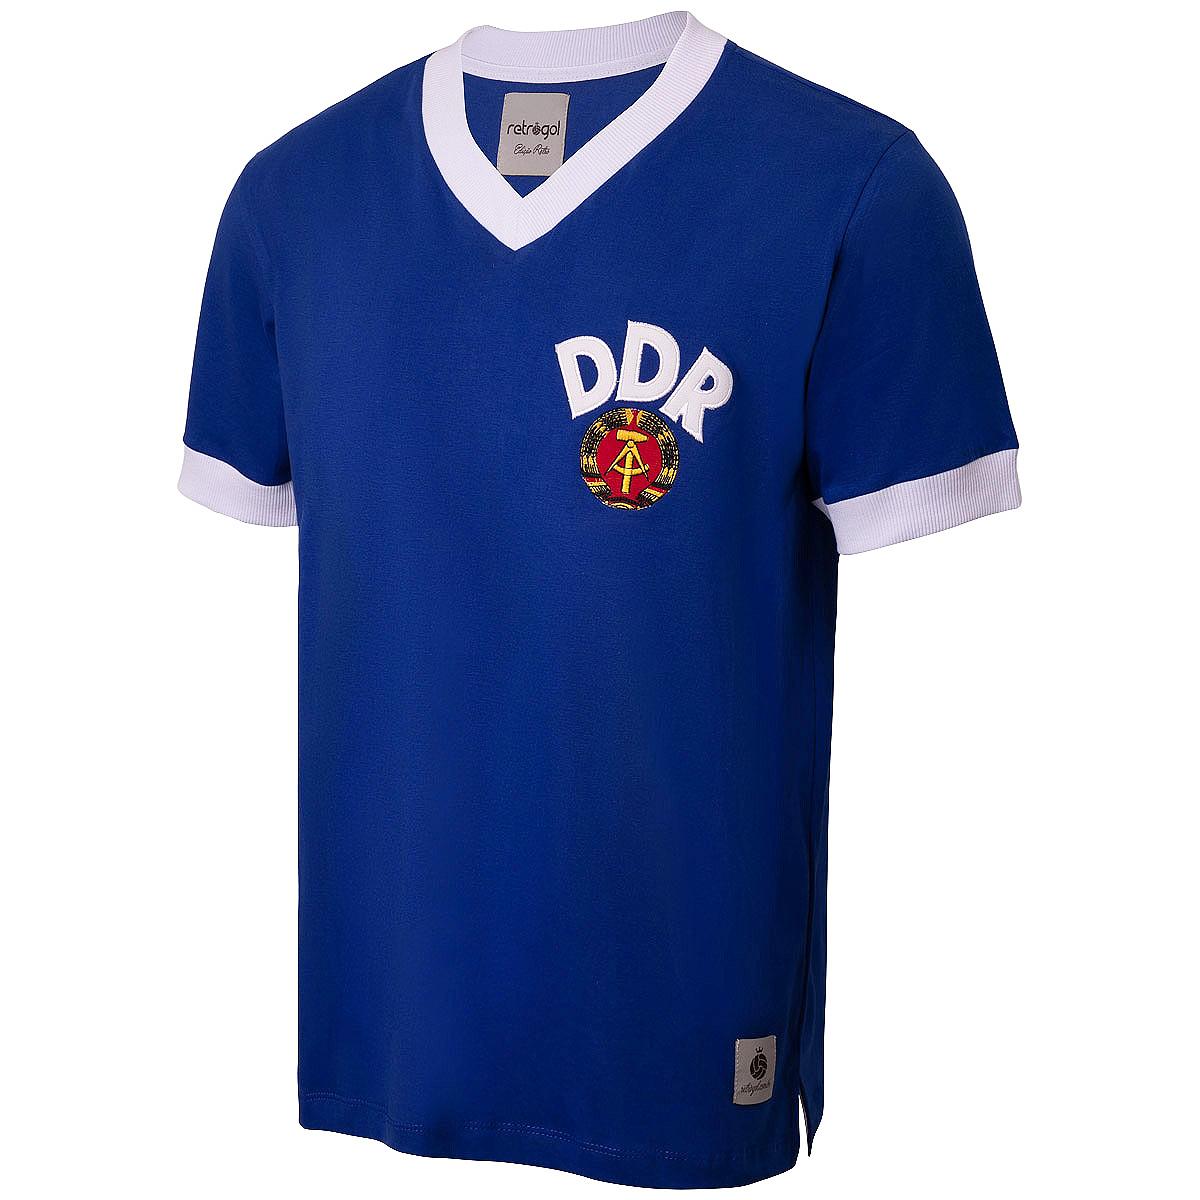 Camisa Alemanha Retrô Oriental DDR Classic Masculina